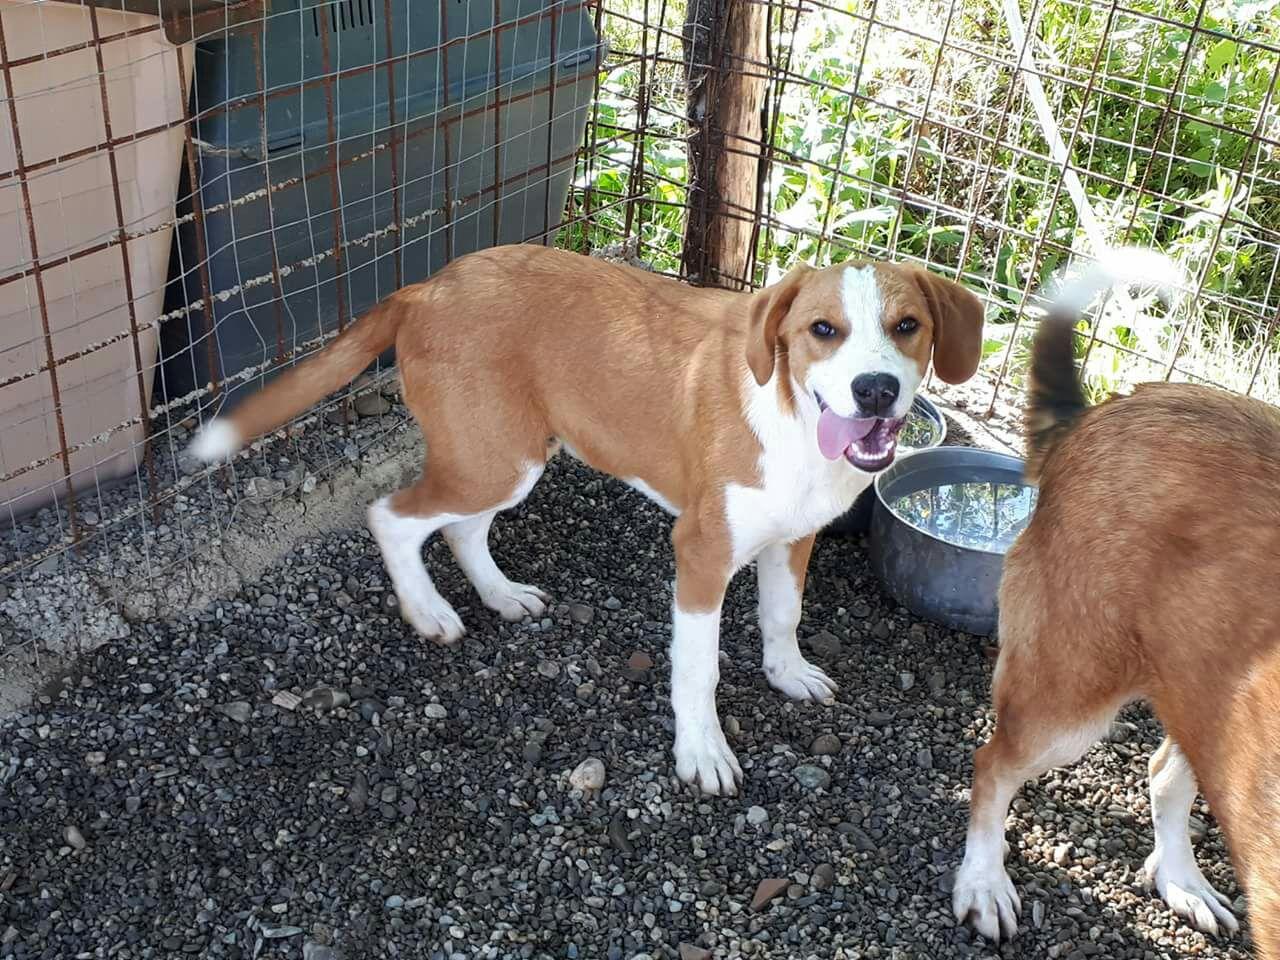 Cooper cerca casa, appello per adozione